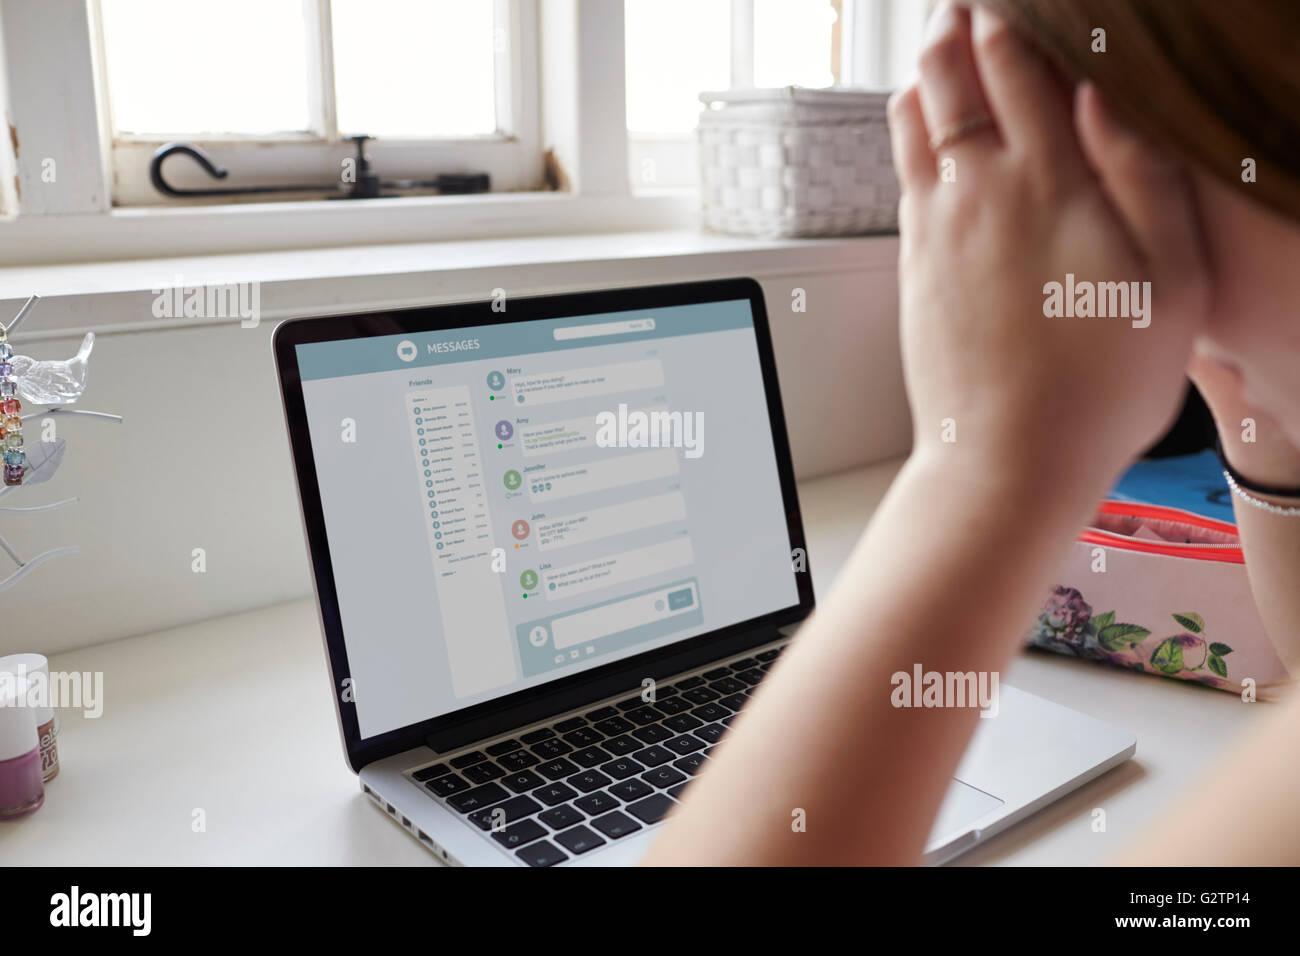 Adolescente infelice vittima di bullismo online in camera da letto Immagini Stock